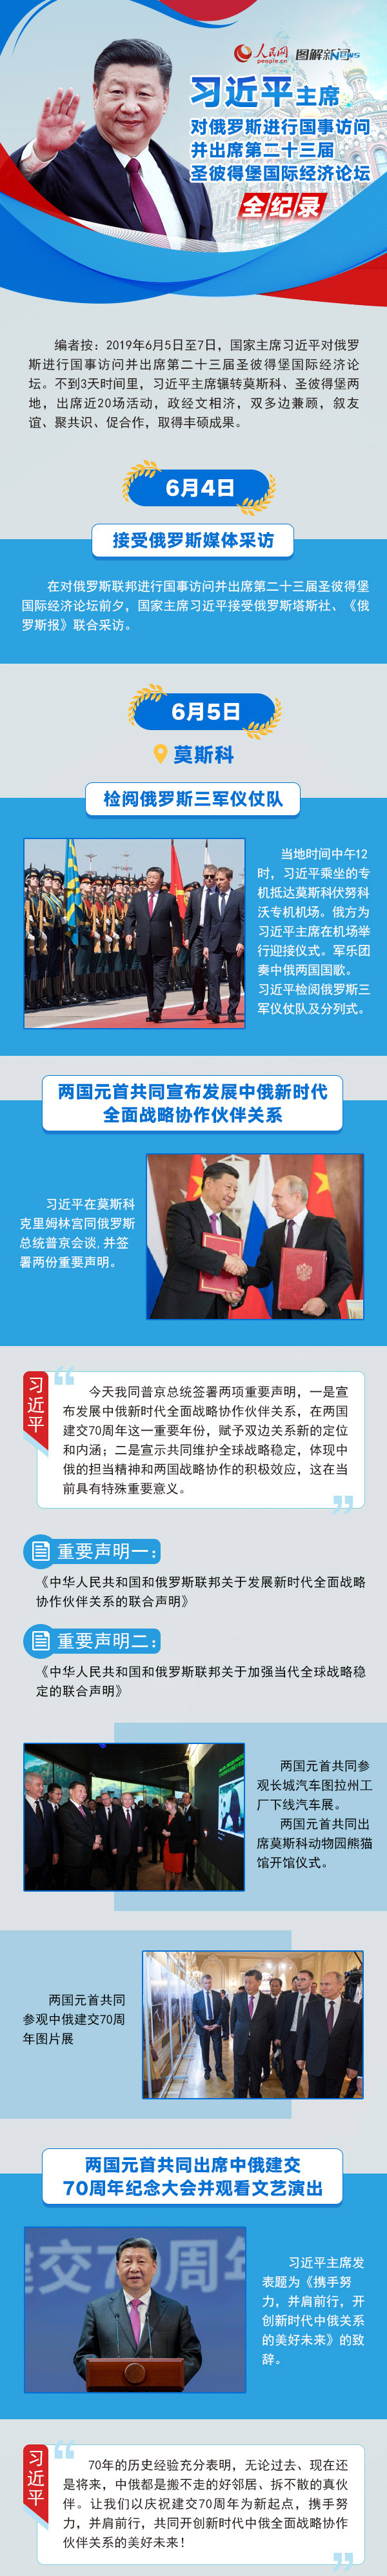 南召县城郊乡:不断创新基层党建工作